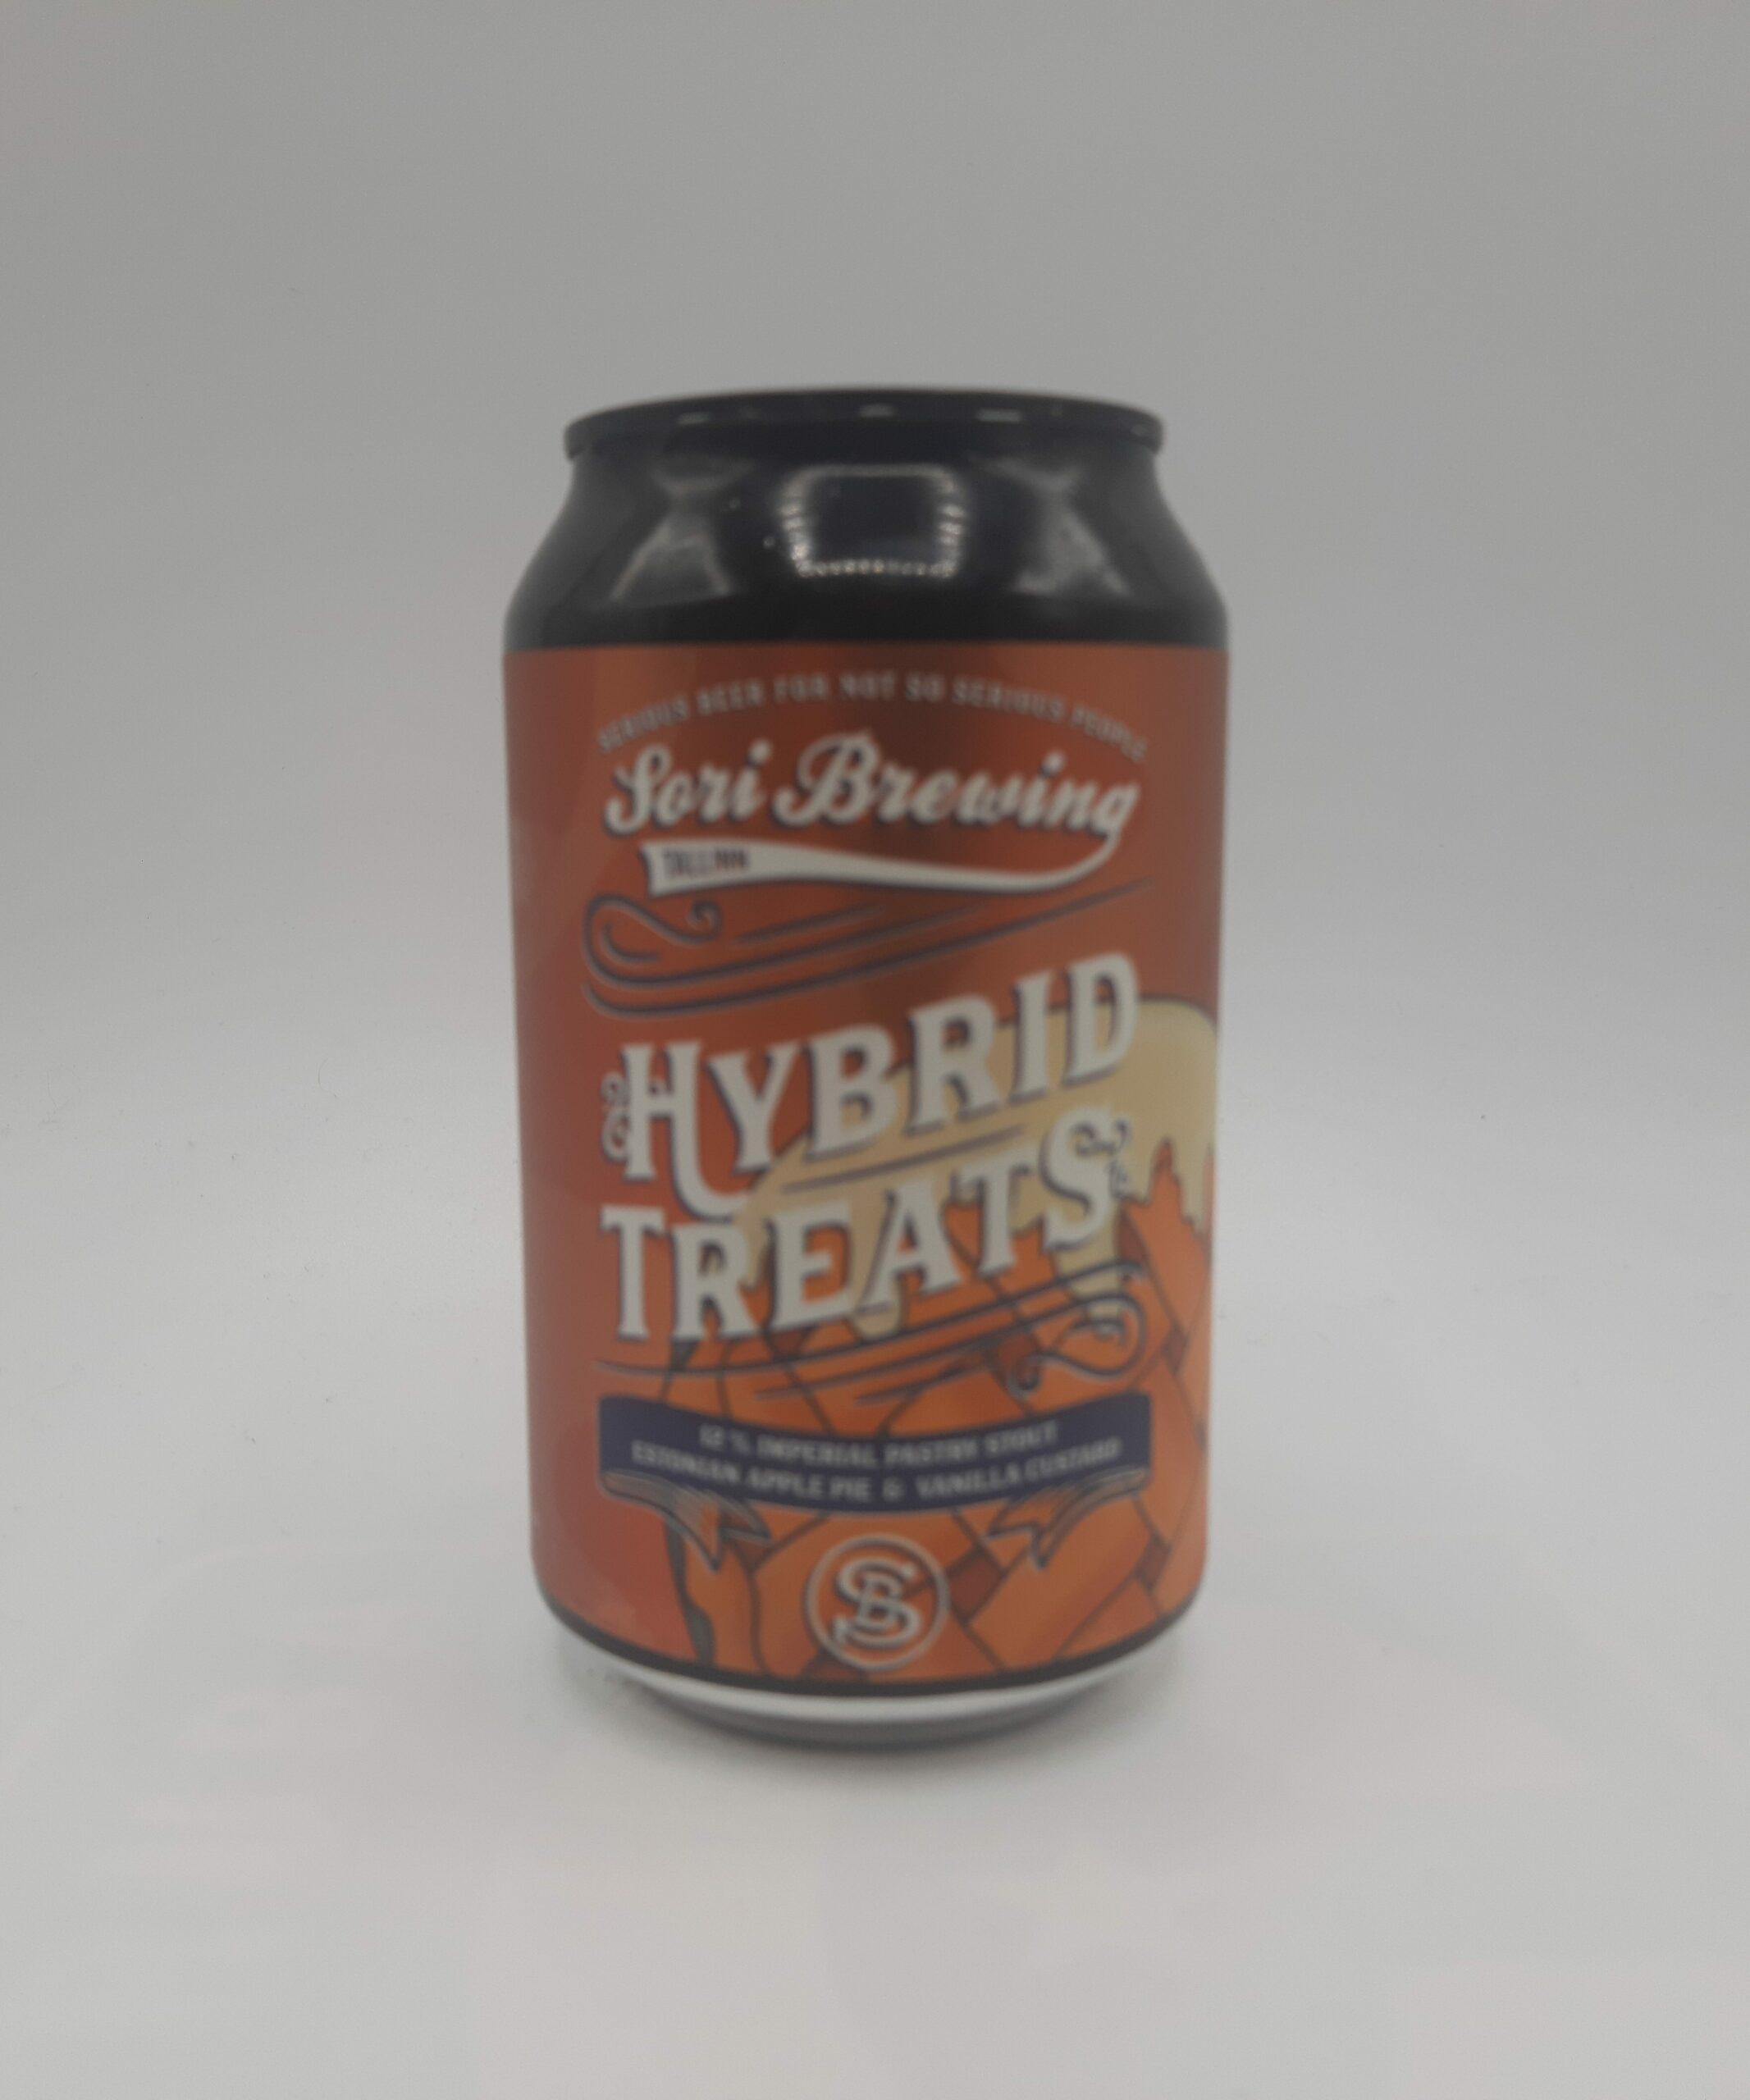 Img Sori Hybrid Treats Apple Pie Vanilla Custard